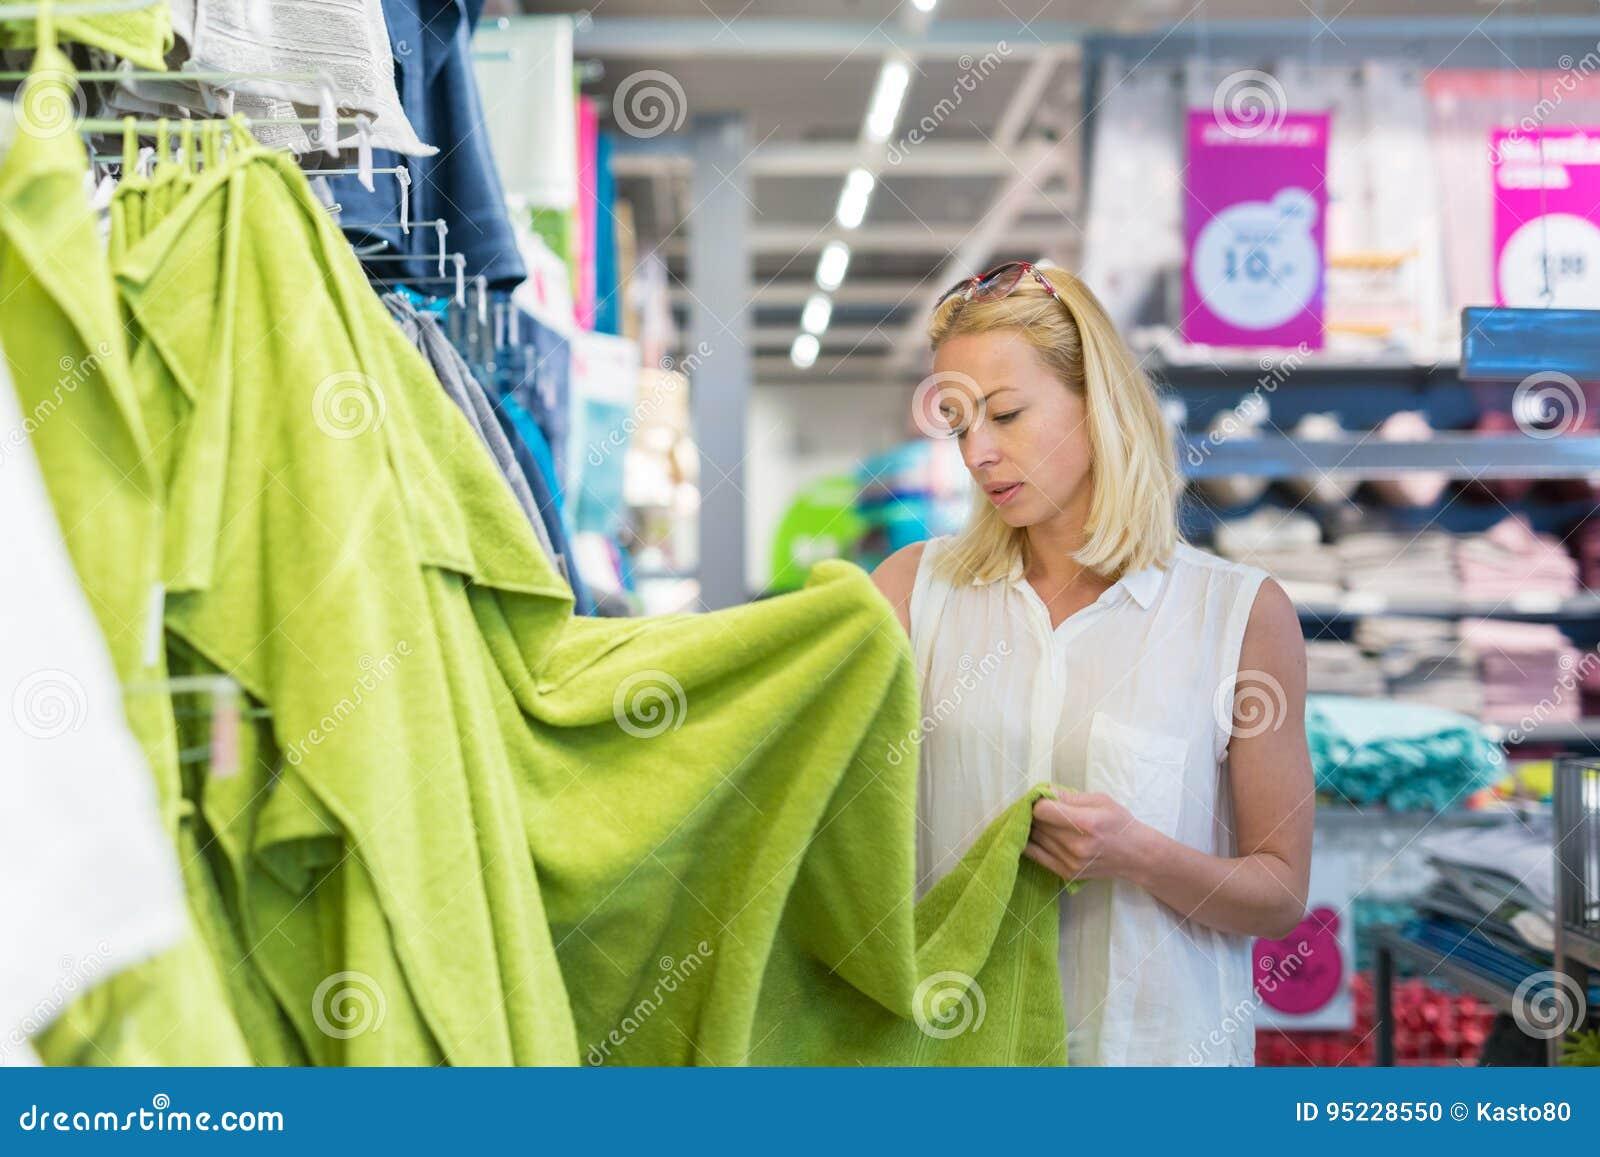 Donna che sceglie l asciugamano giusto per il suo appartamento in un deposito moderno dell arredamento domestico